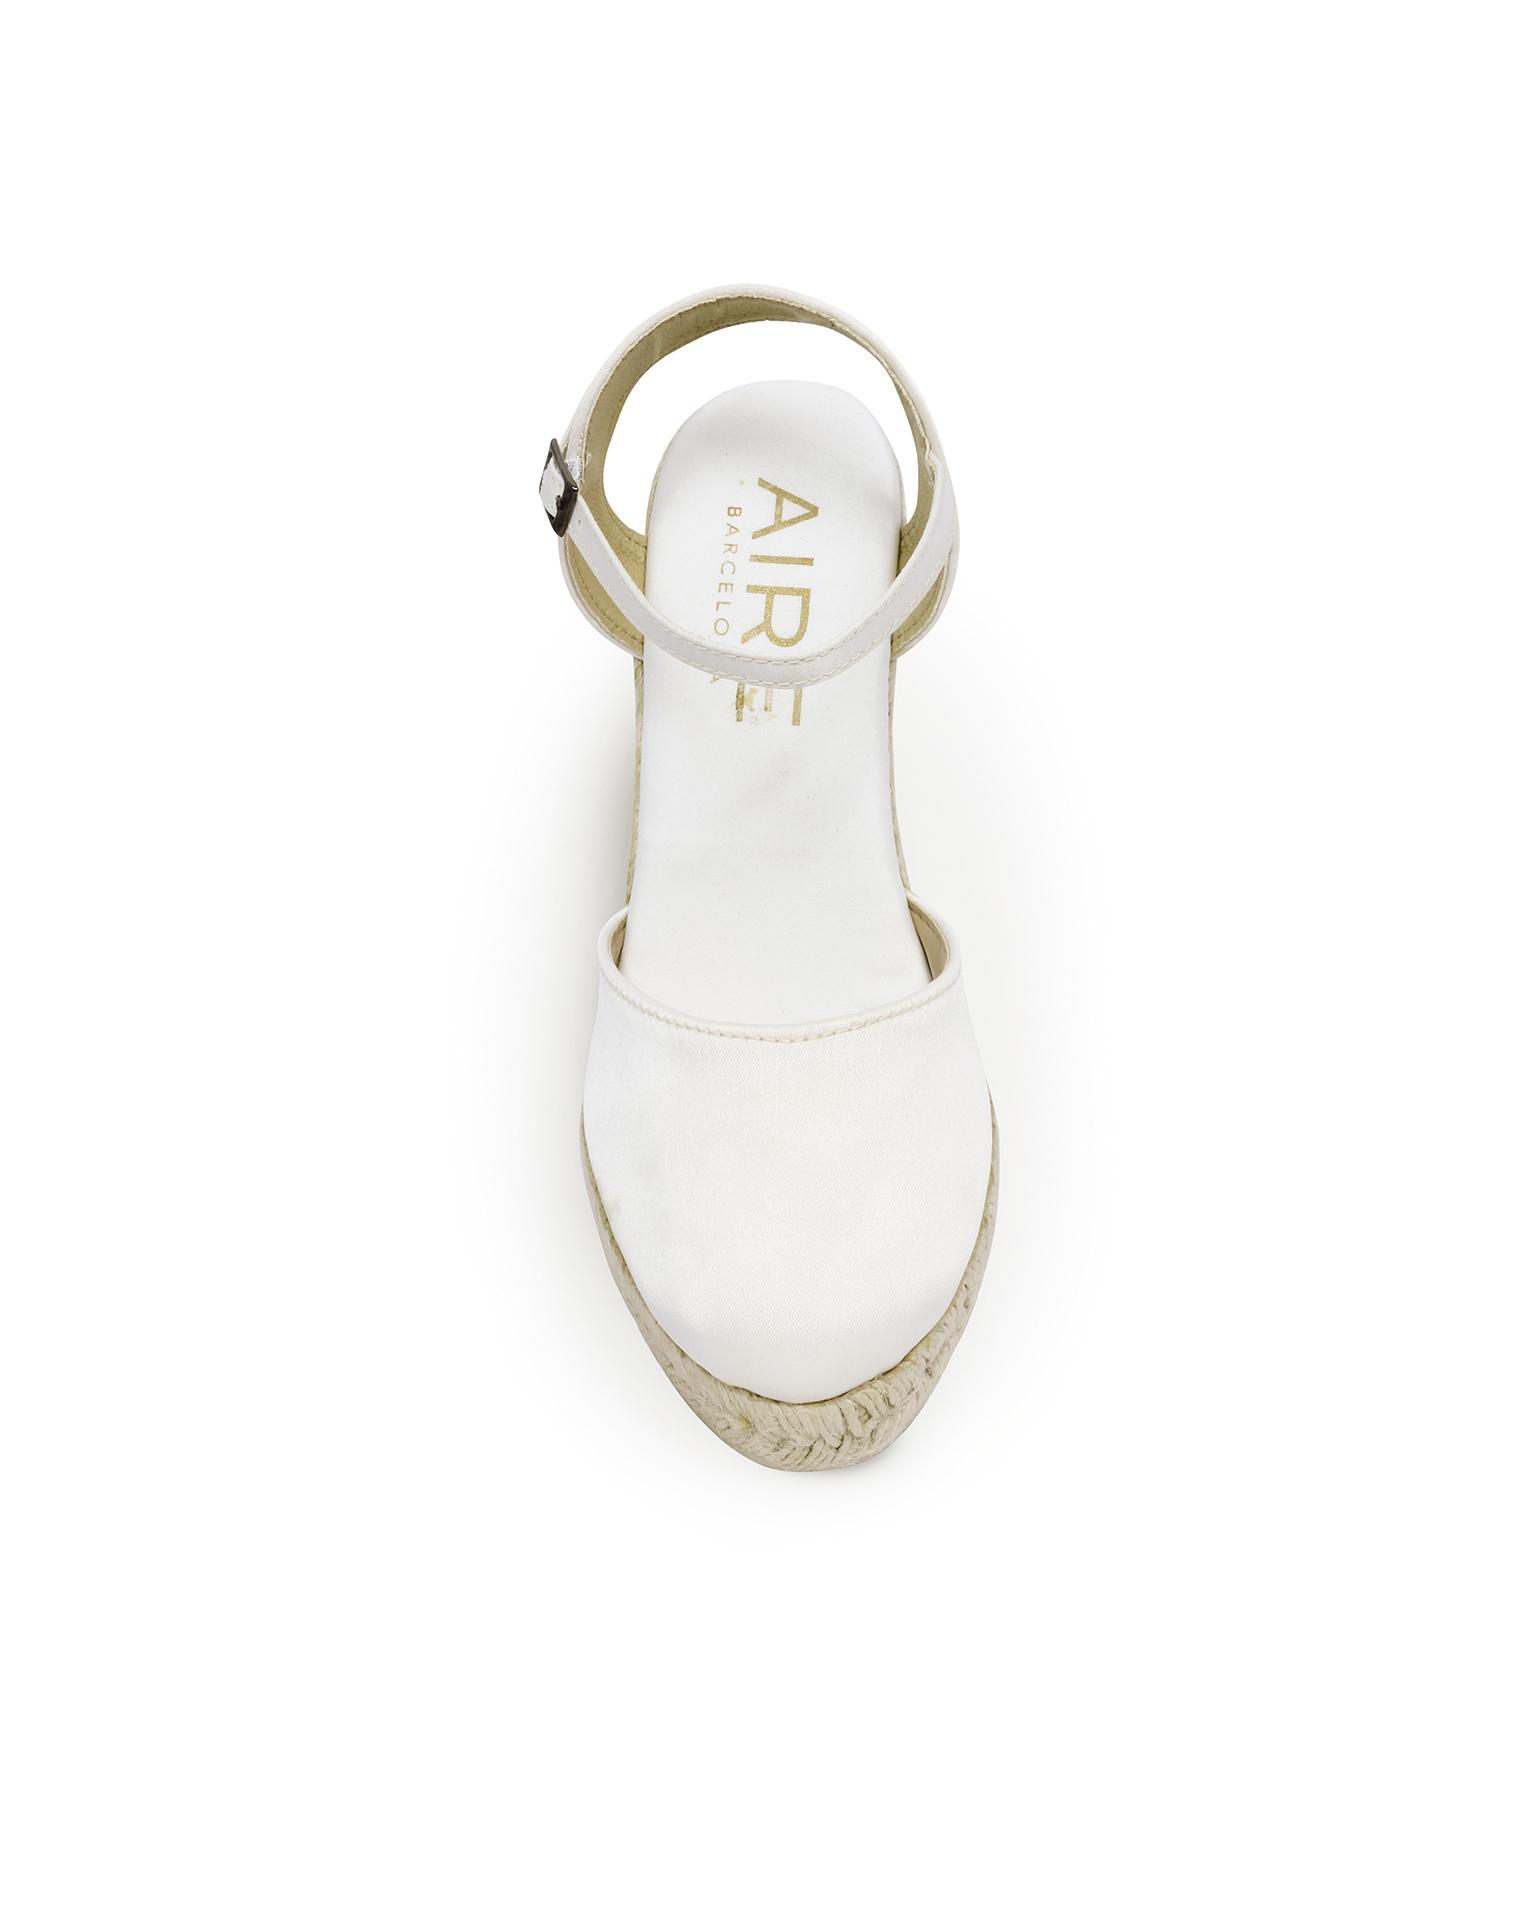 .2018 مجموعة فساتين AIRE BARCELONA حذاء زفاف من الساتين مع نعل من الليف وكعب 85 مم على شكل إسفين، باللون الطبيعي.